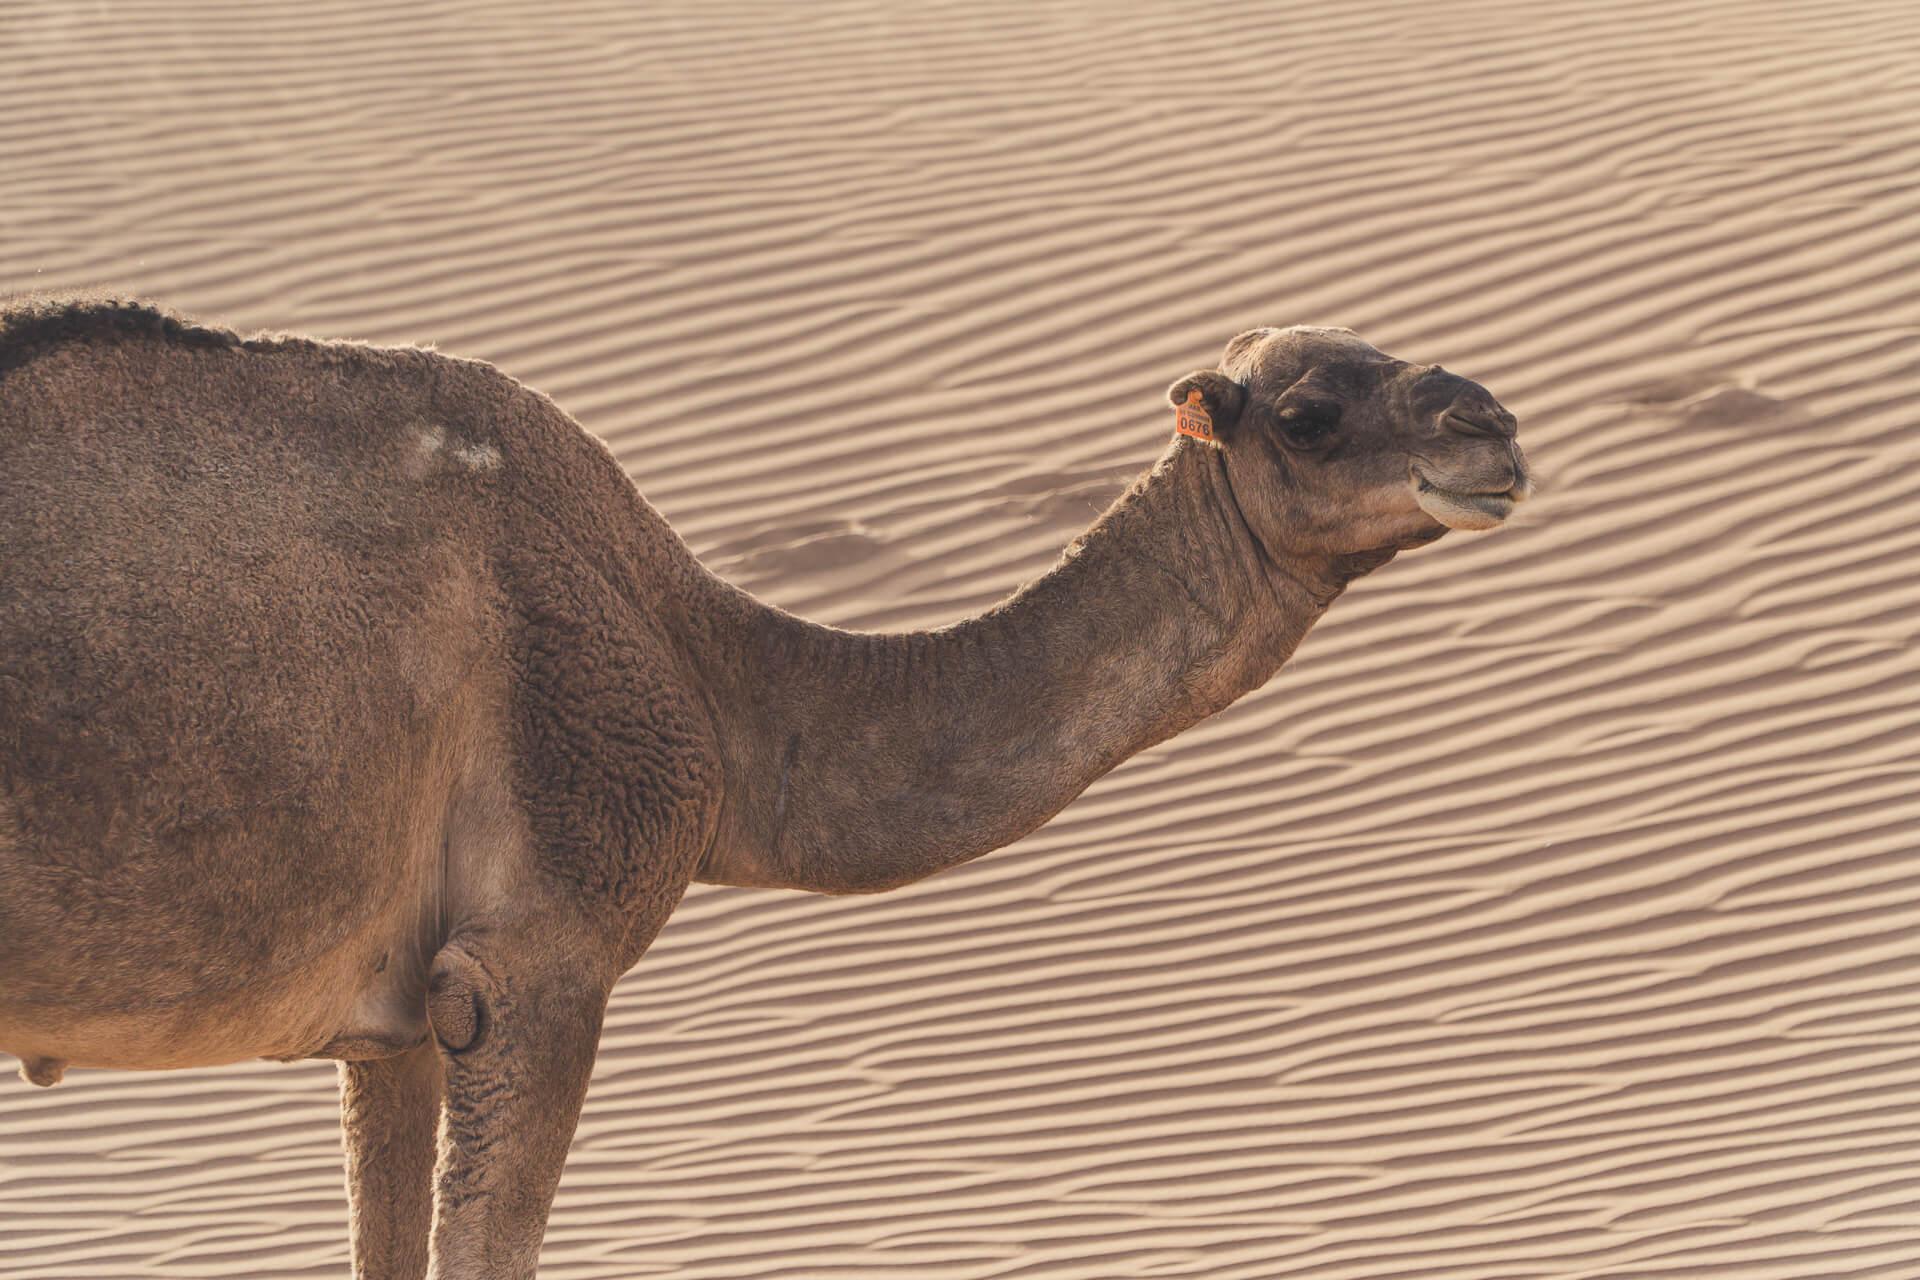 Dromadaire maroc